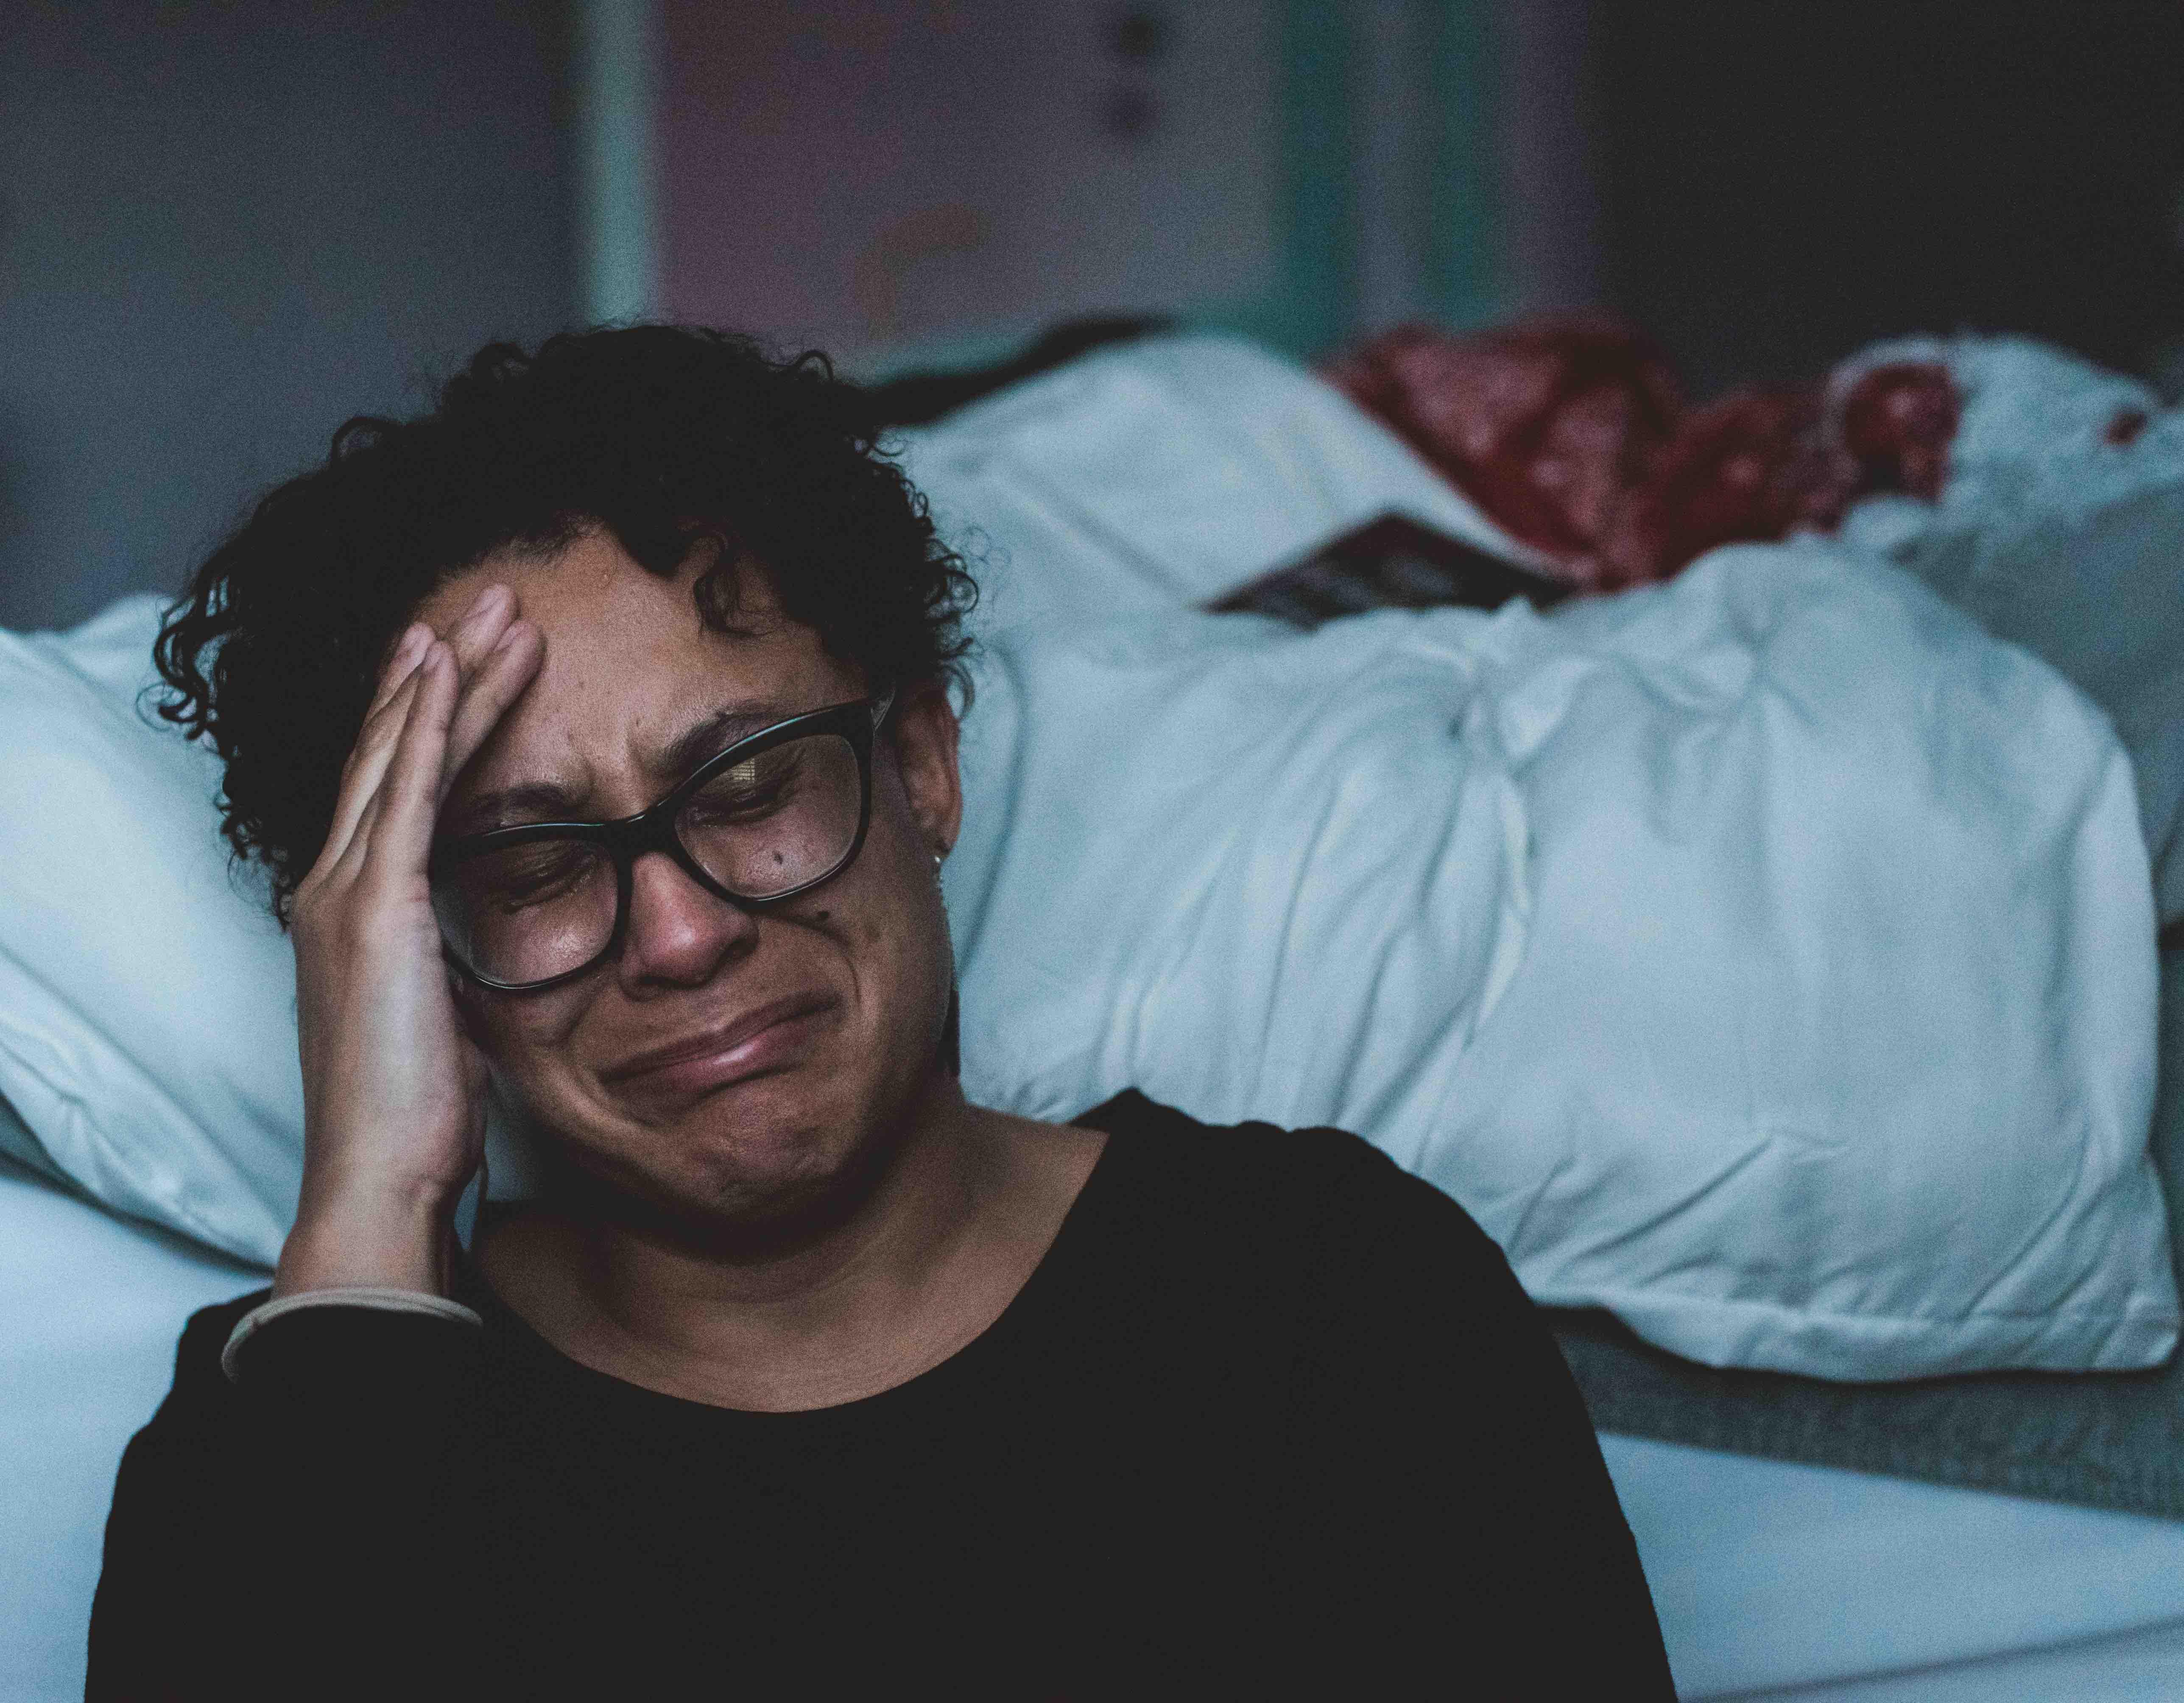 Hektik, Stress, Burnout - Politische und homöopathische Überlegungen zu einem Phänomen der Zeit